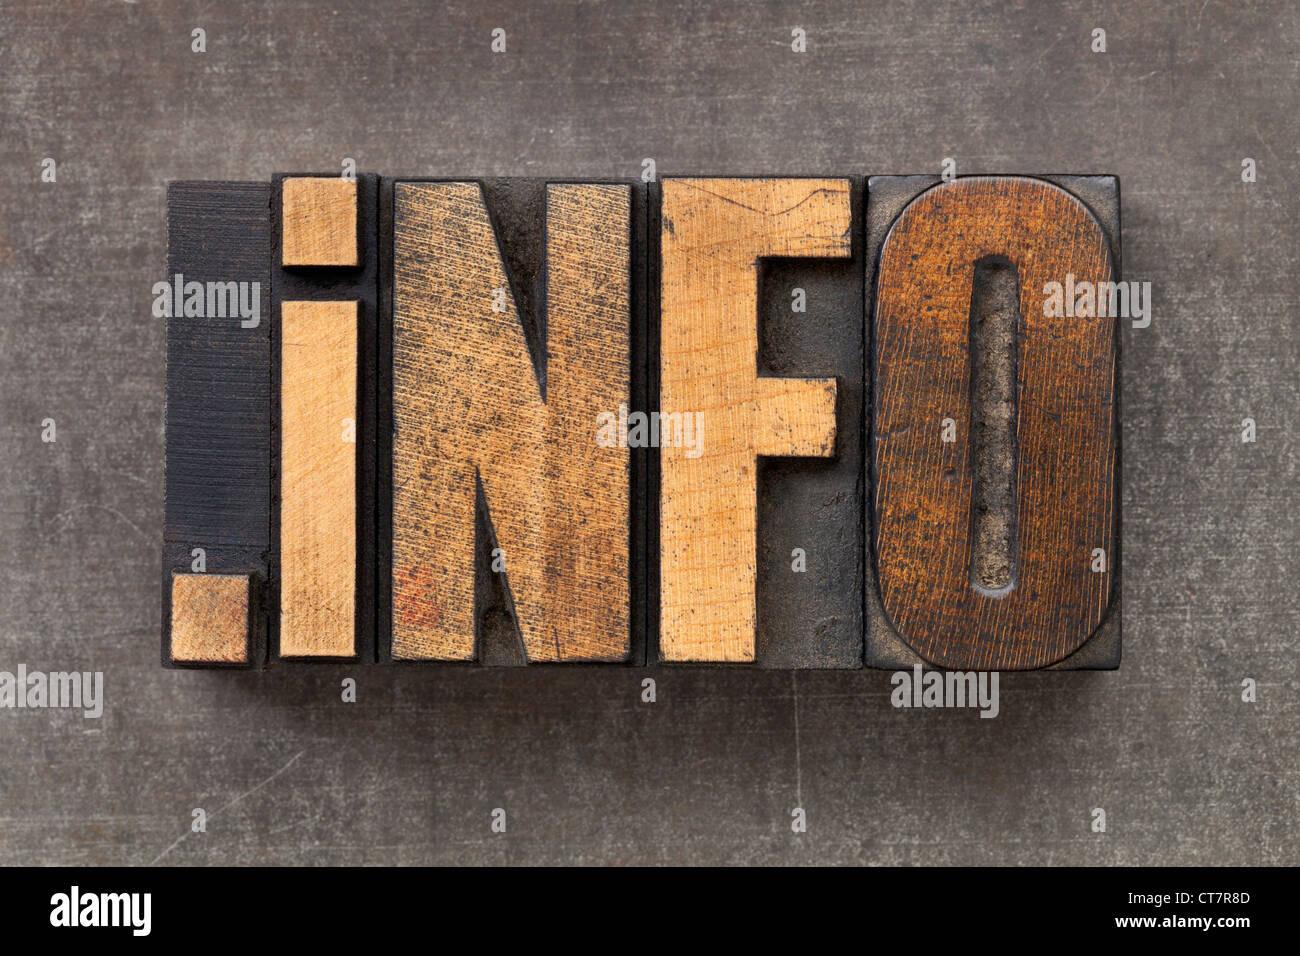 Dot info - domaine internet pour ressources d'information dans la typographie en bois vintage blocs sur une Photo Stock